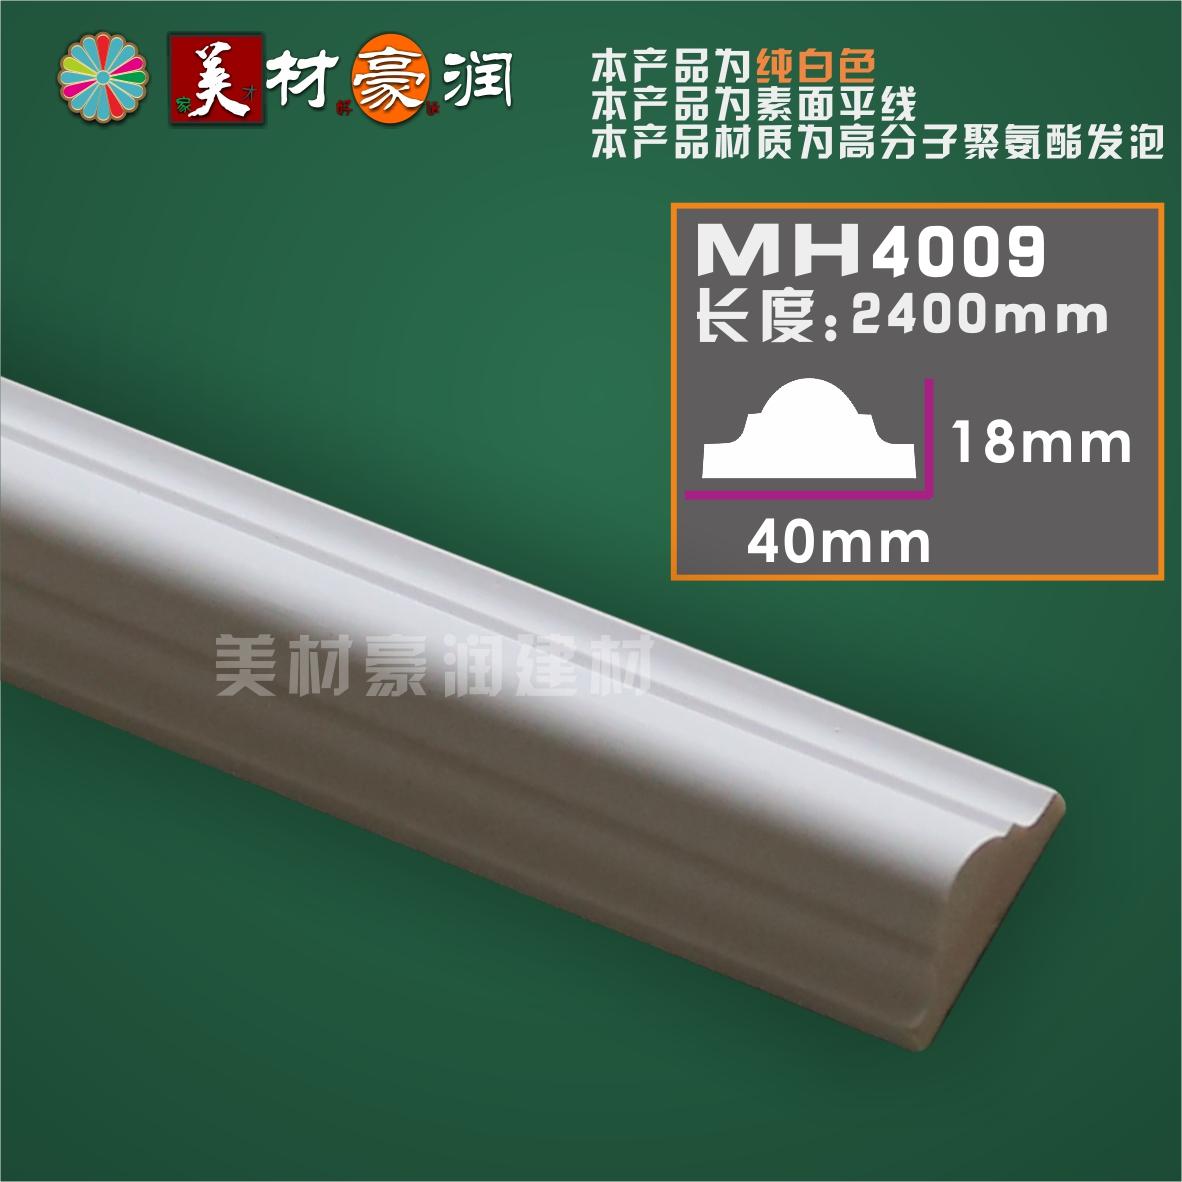 Кожзаменитель линия континентальный белый метоп моделирование рамка линия фон стена линия коробка декоративный линия фоторамка